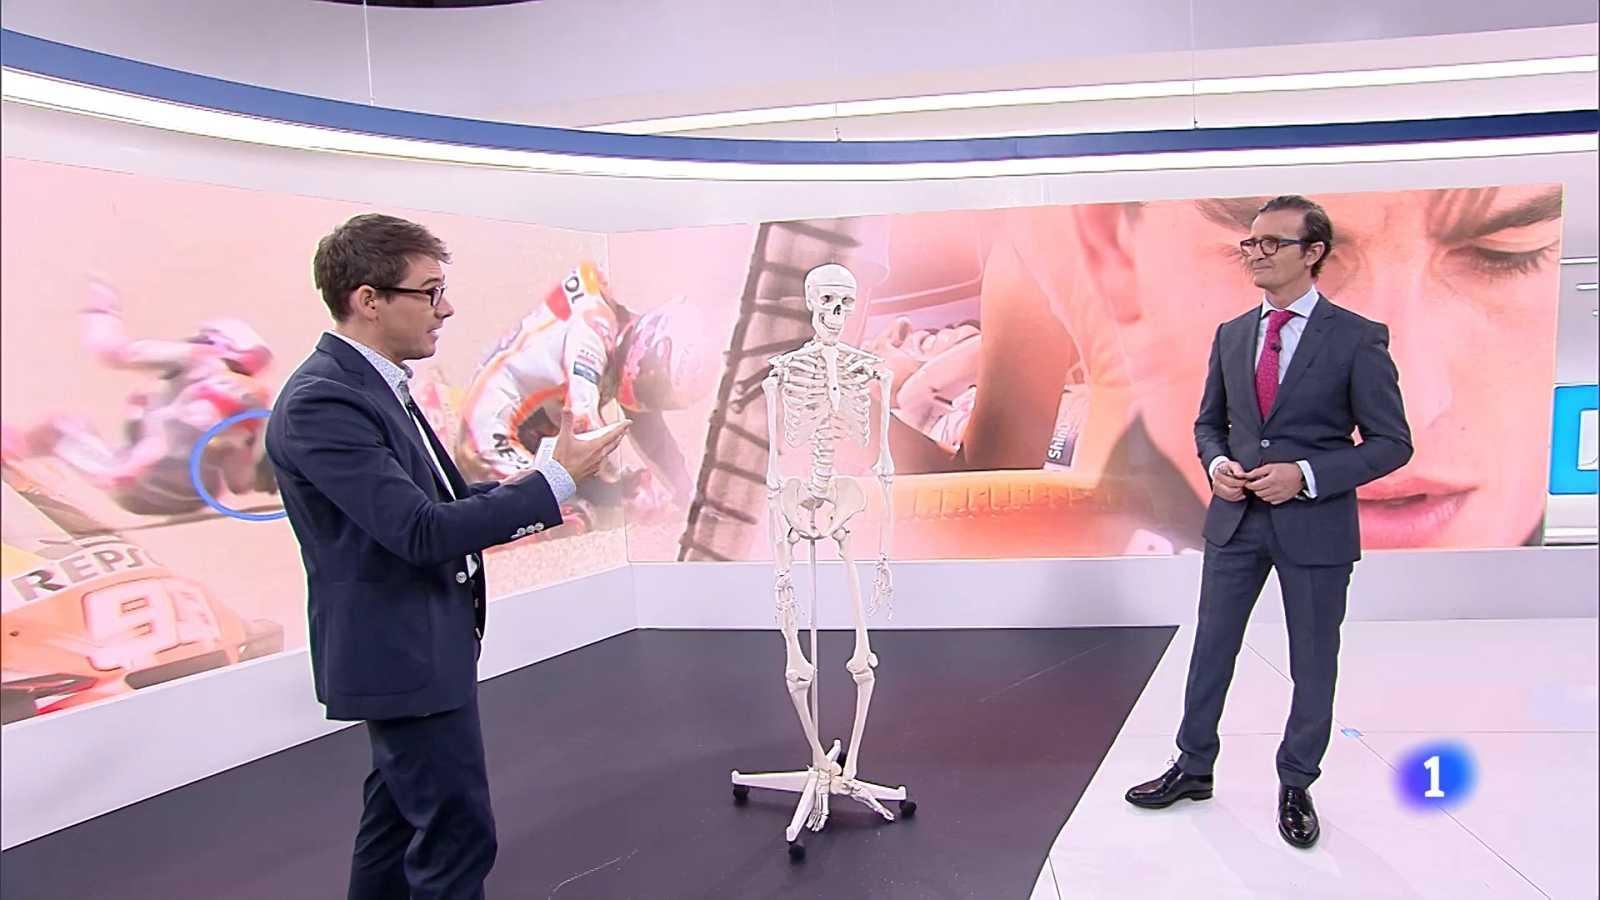 El doctor Villamor nos explica la intervención a Marc Márquez